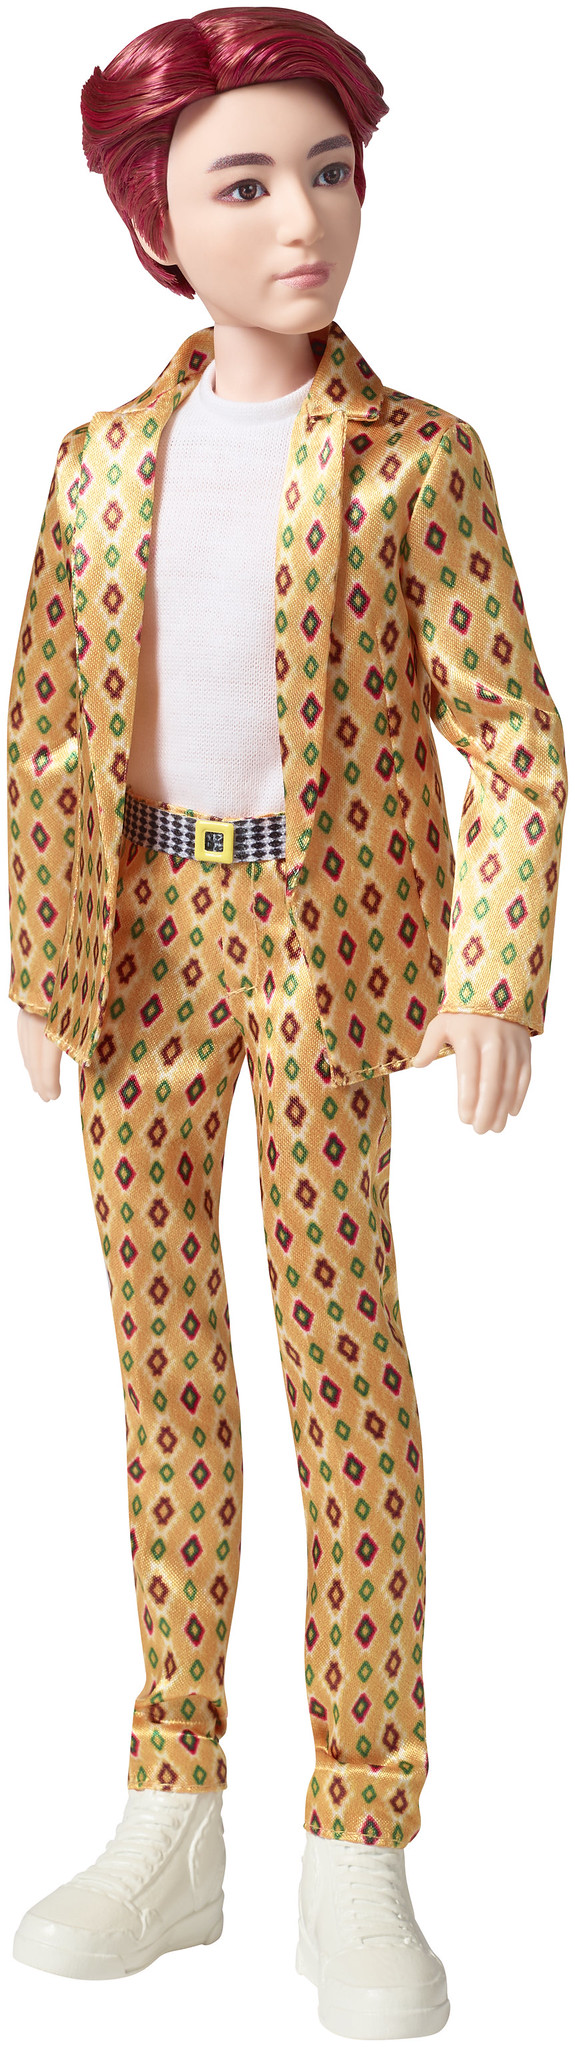 Mattel Bts Idol Dolls &Amp; Uno™ Bts